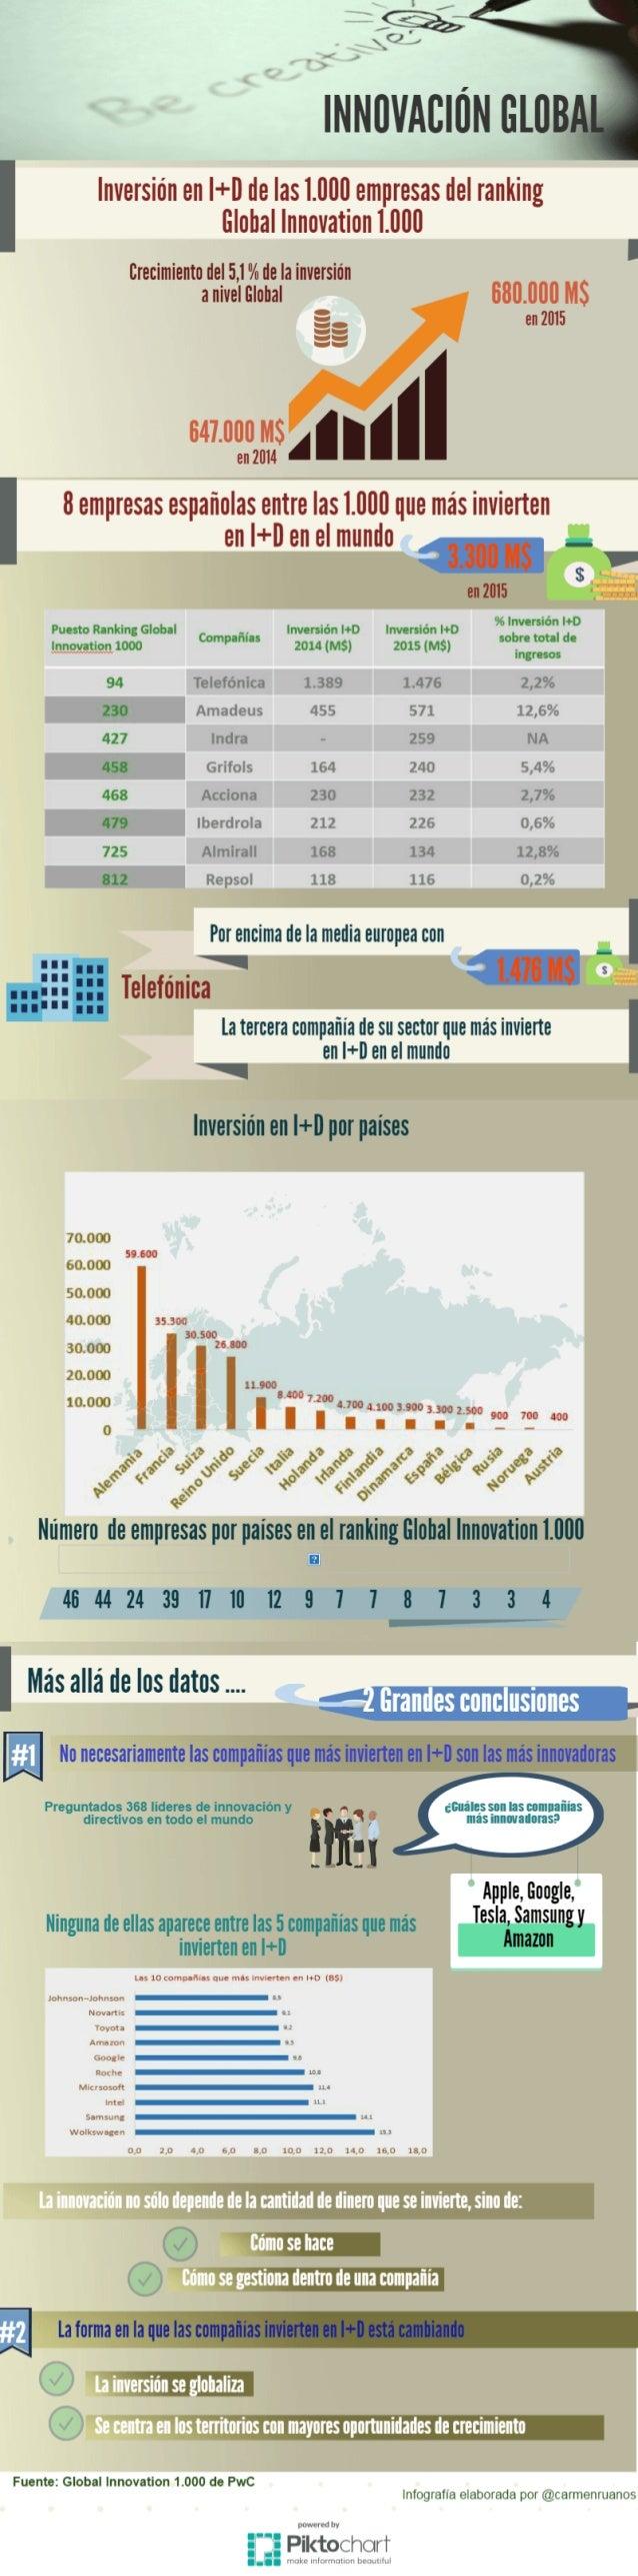 Infografía innovación a nivel global. Más info: http://bit.ly/2900oaC